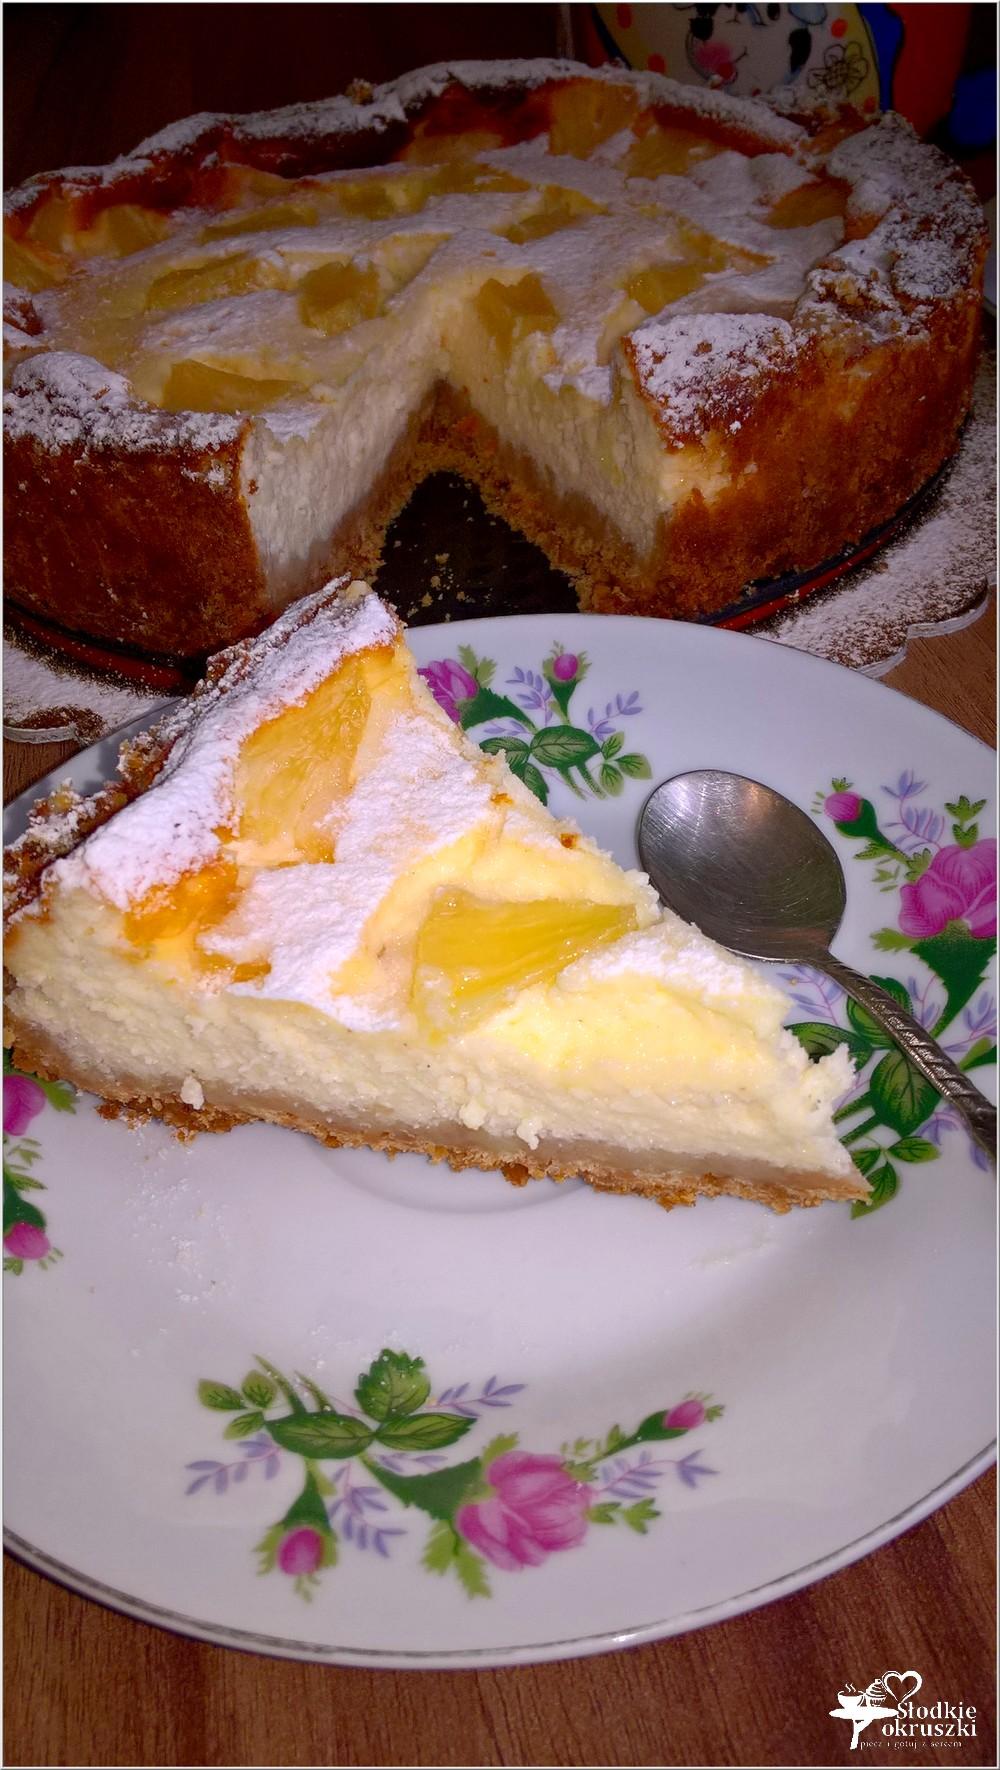 Sernik z ananasem na słonawym spodzie (2)